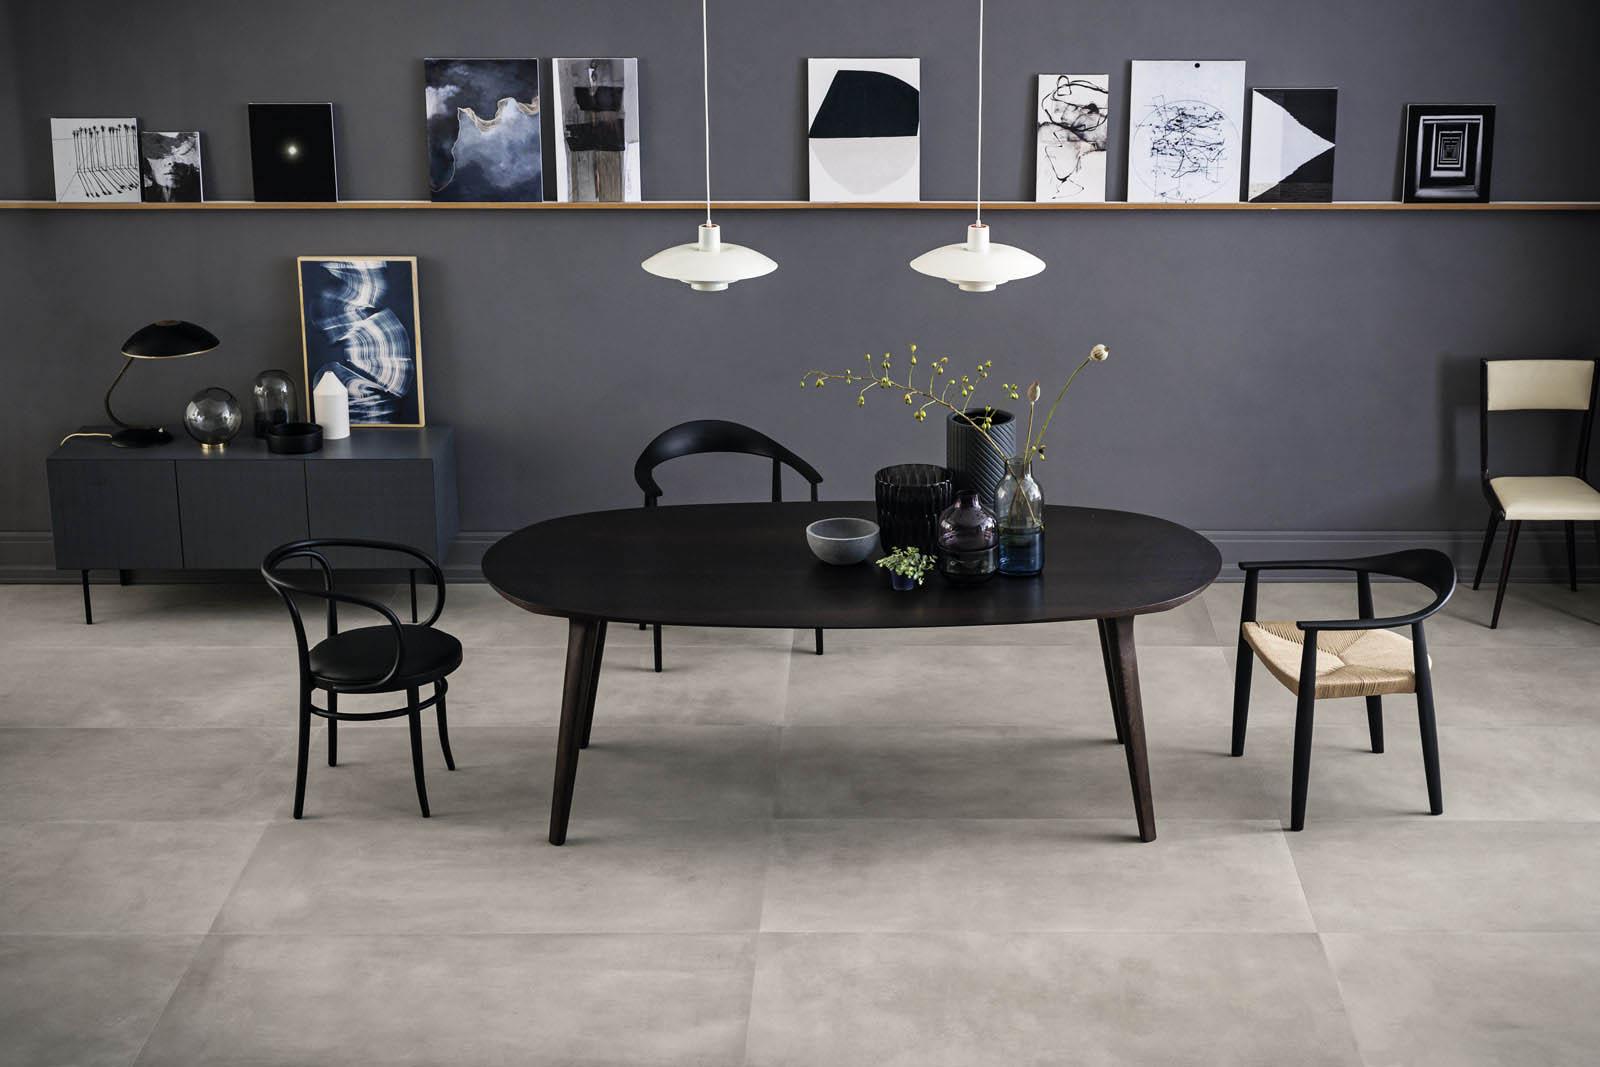 Fliesen Fr Das Wohnzimmer Gestaltungideen Mit Keramik Und Feinsteinzeug